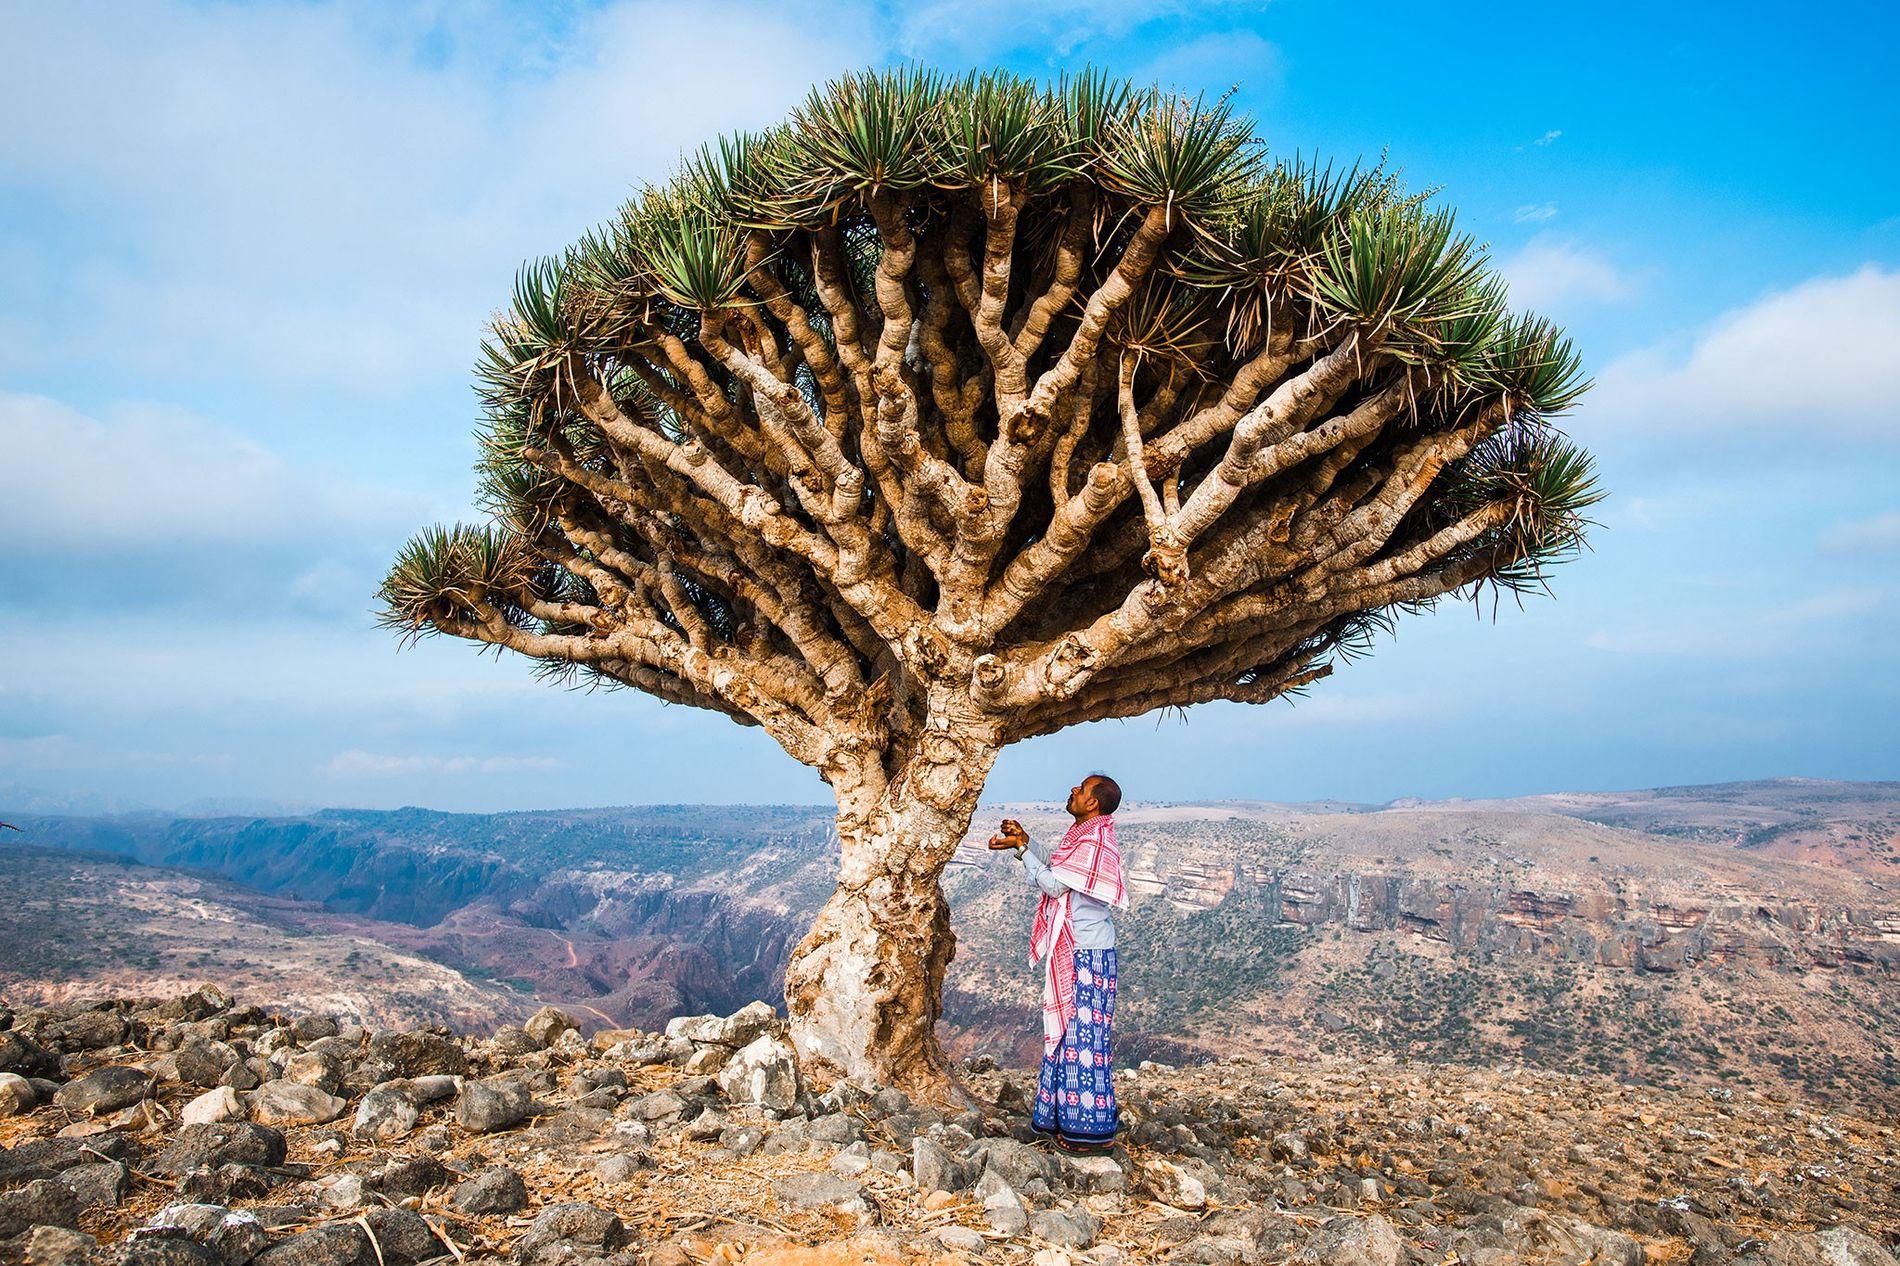 Le dragonnier de Socotra (Dracaena cinnabari) peut vivre des milliers d'années. Sa résine rouge vif aurait ...